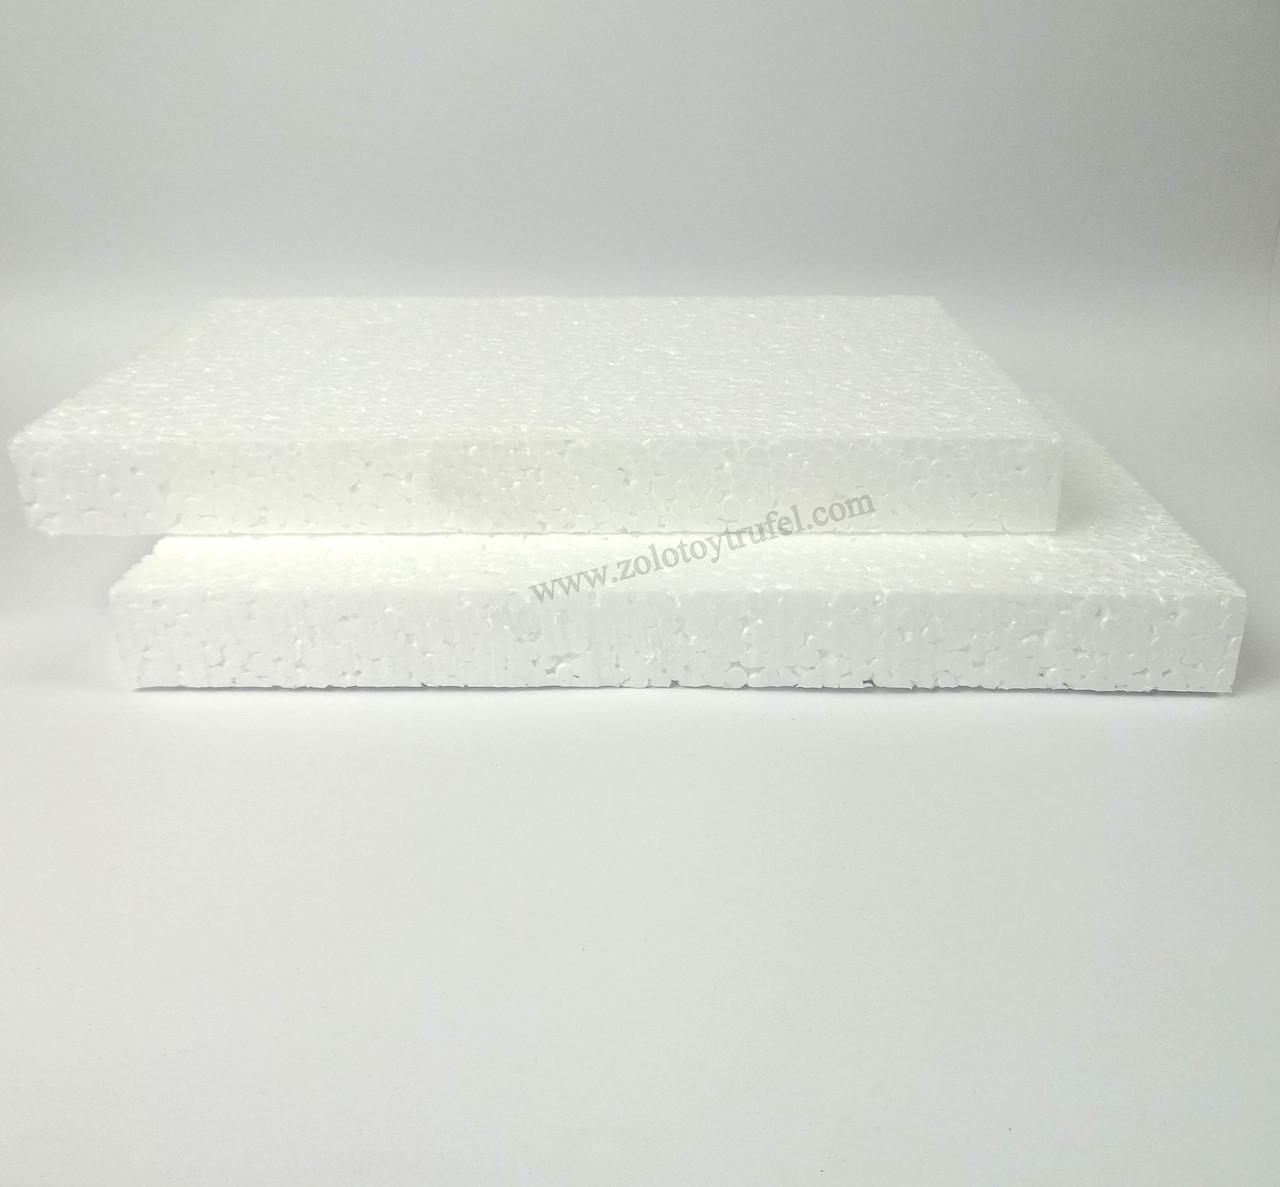 Прослойки пенопластовые для торта 25*35 см h 3 см